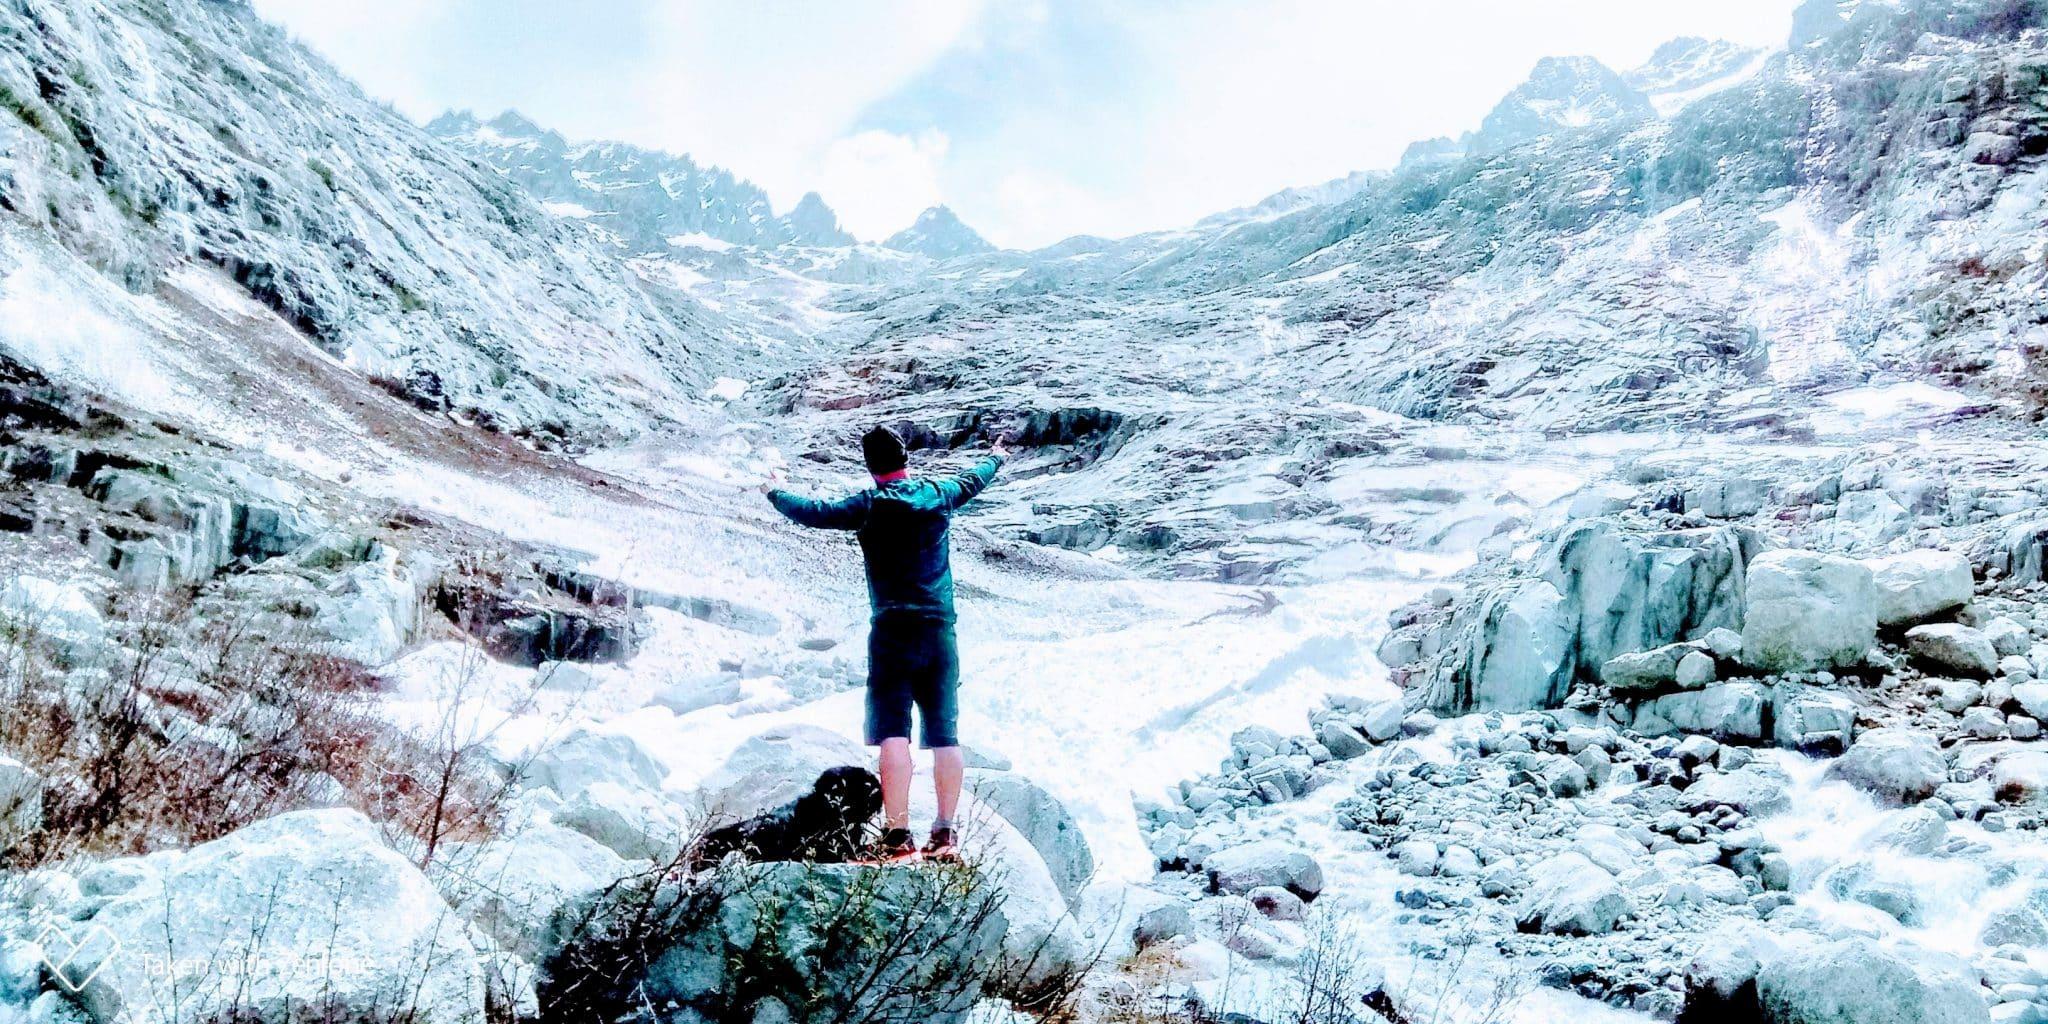 Randonnée vers le Glacier du Trient – Massif du Mont Blanc, Suisse